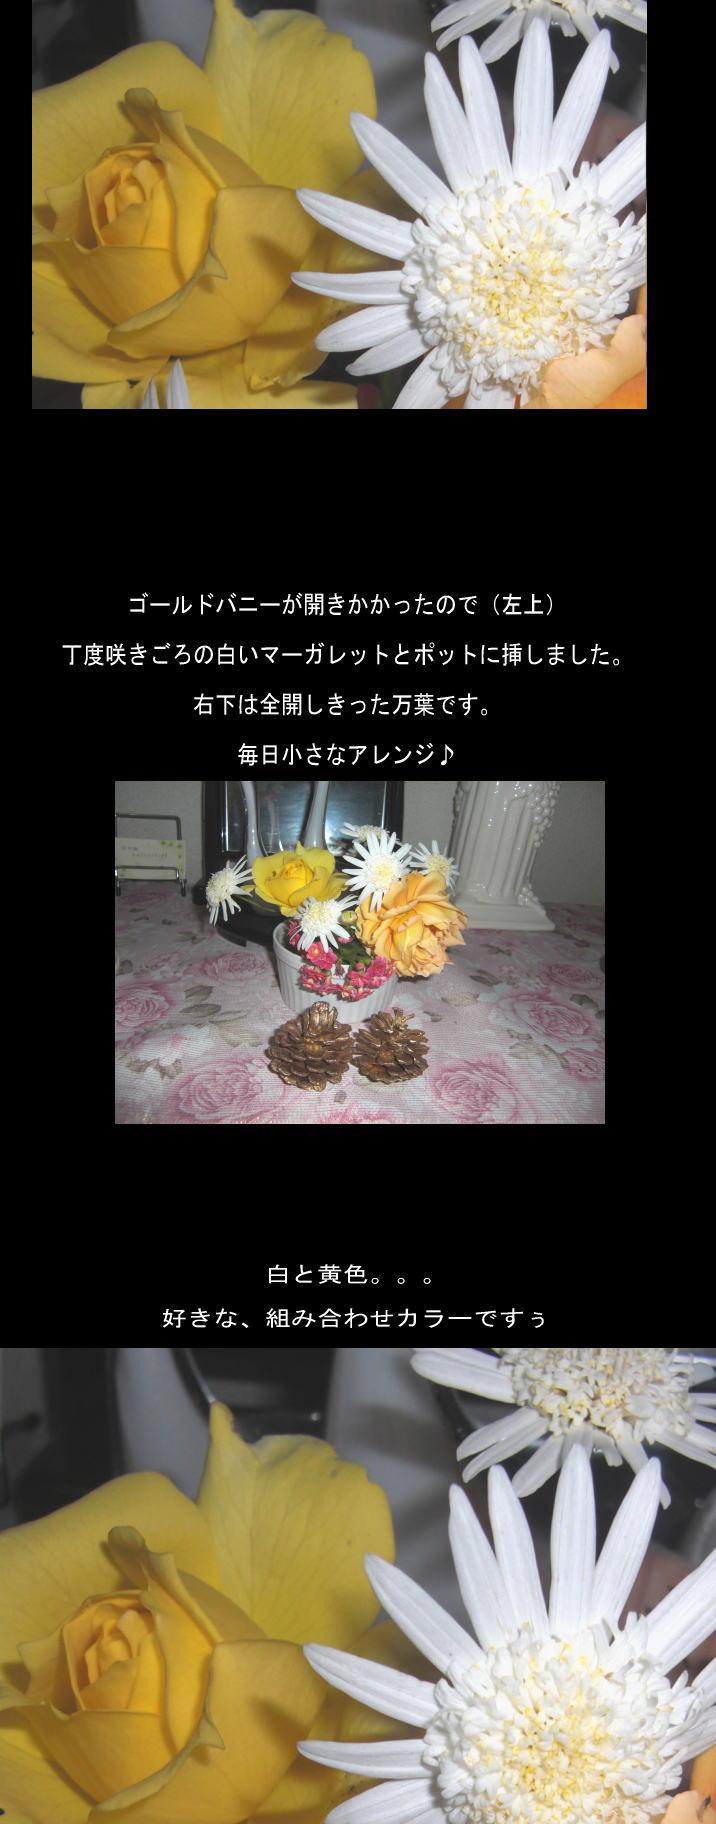 d0178877_20161160.jpg